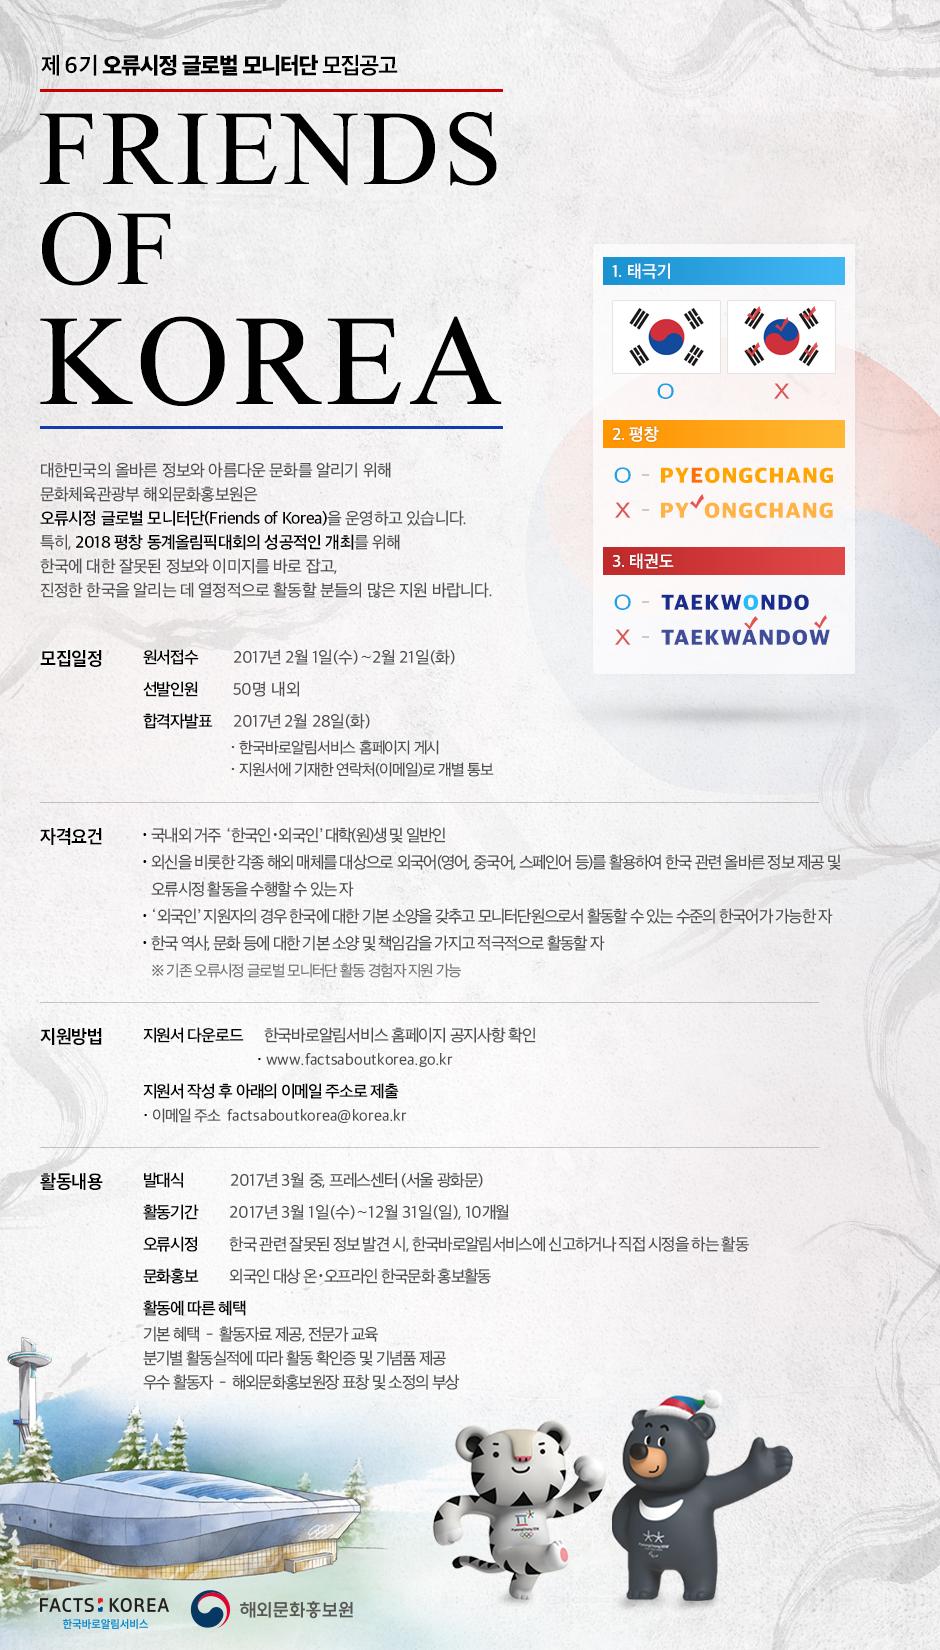 6th Friends of Korea Recruitment(saungkorea.com)